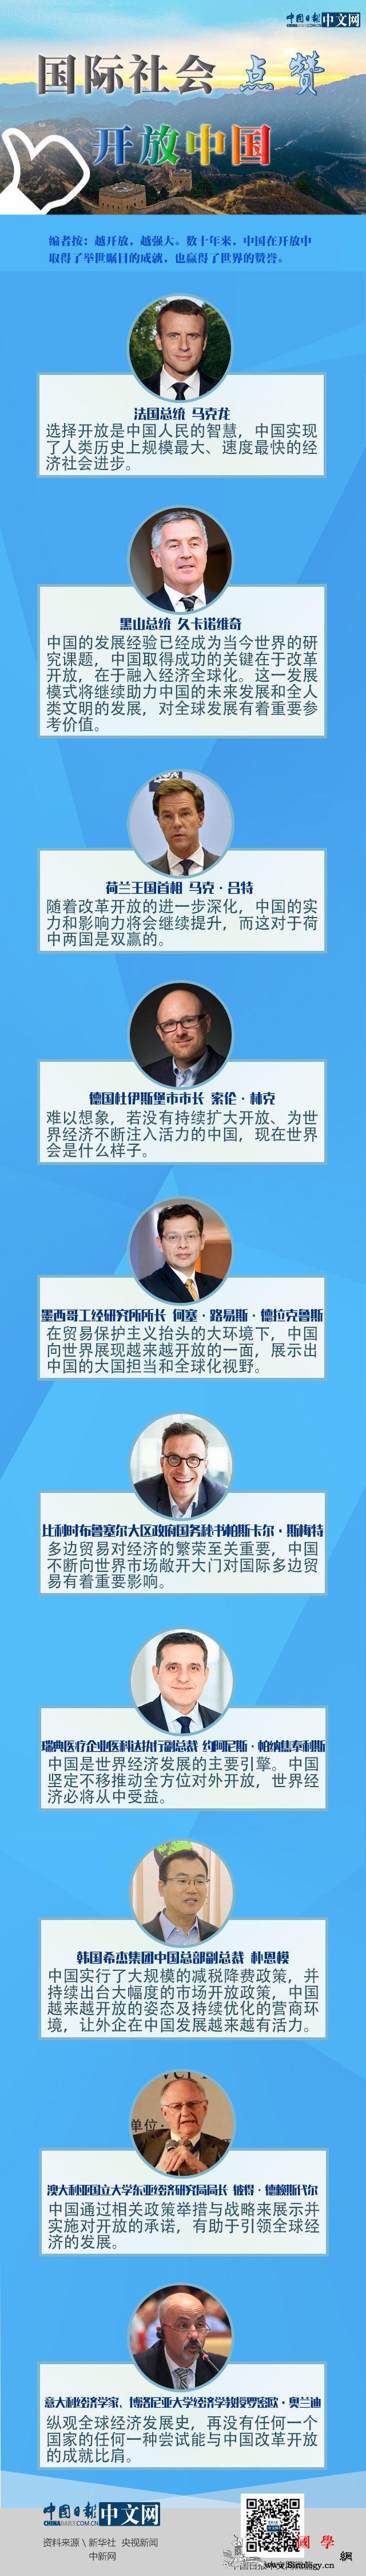 图解 国际社会点赞开放中国_画中画-广告-国际社会- ()